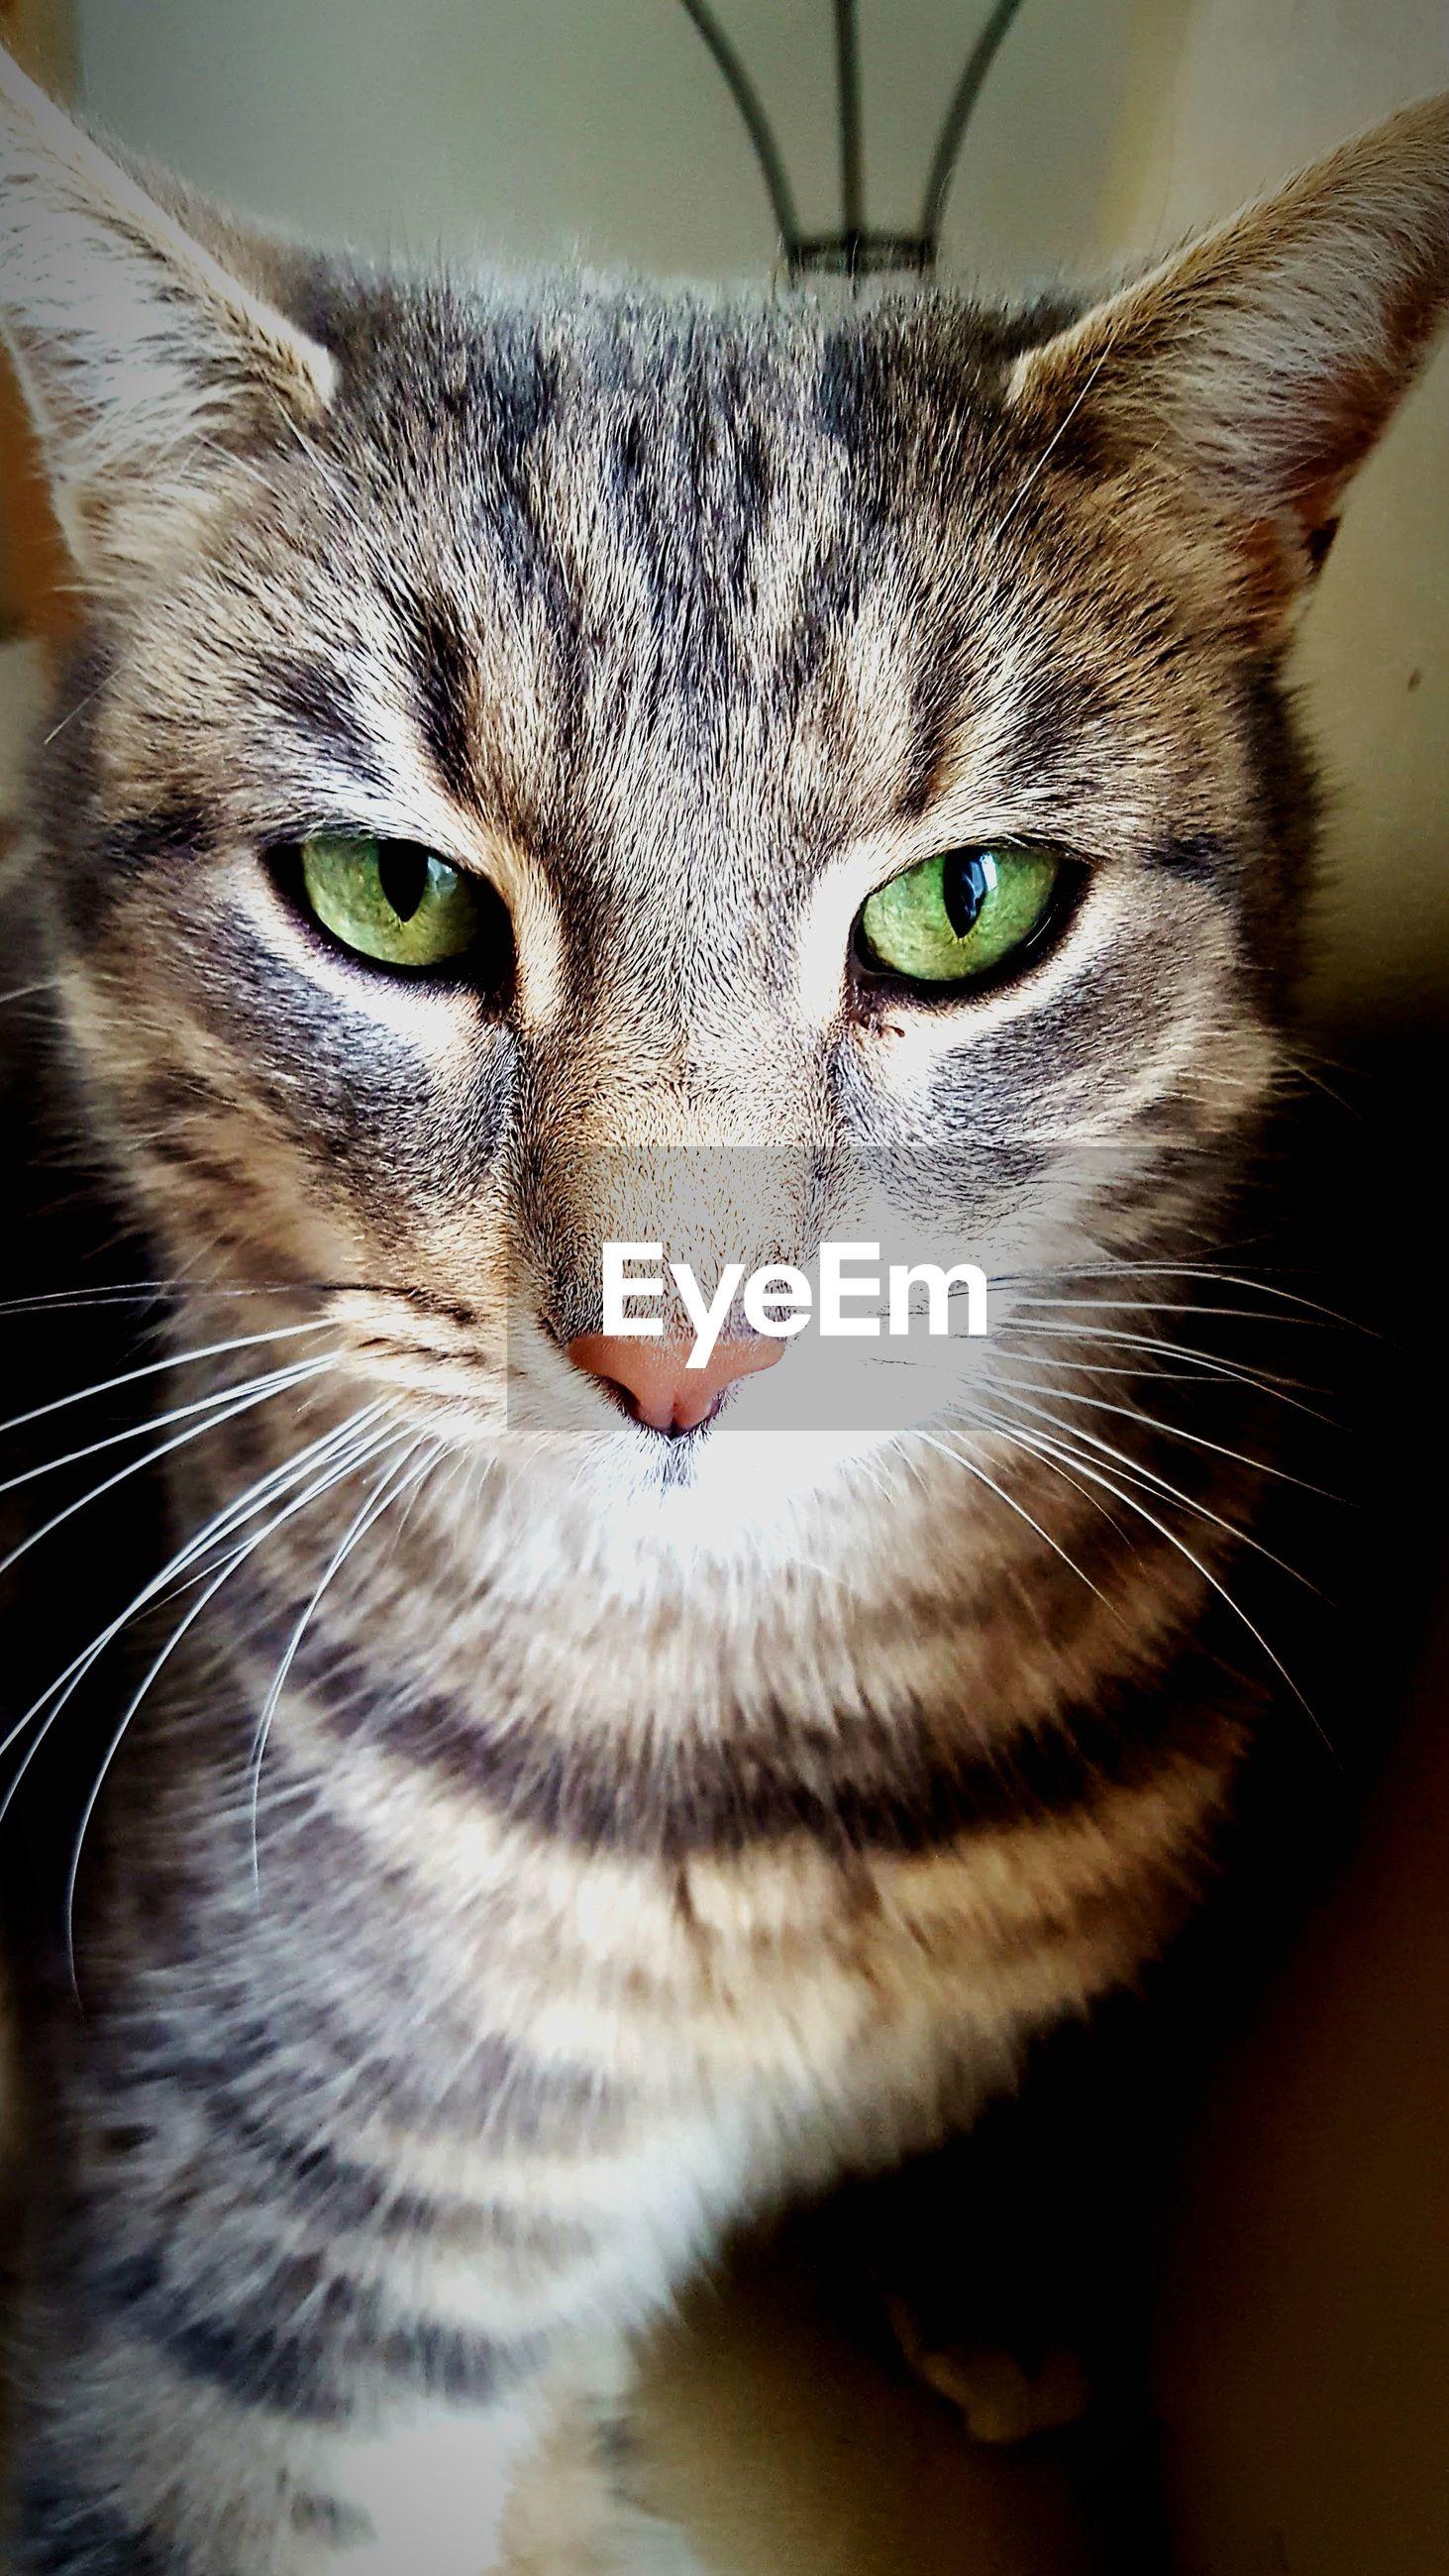 CLOSE-UP PORTRAIT OF CAT IN INDOORS